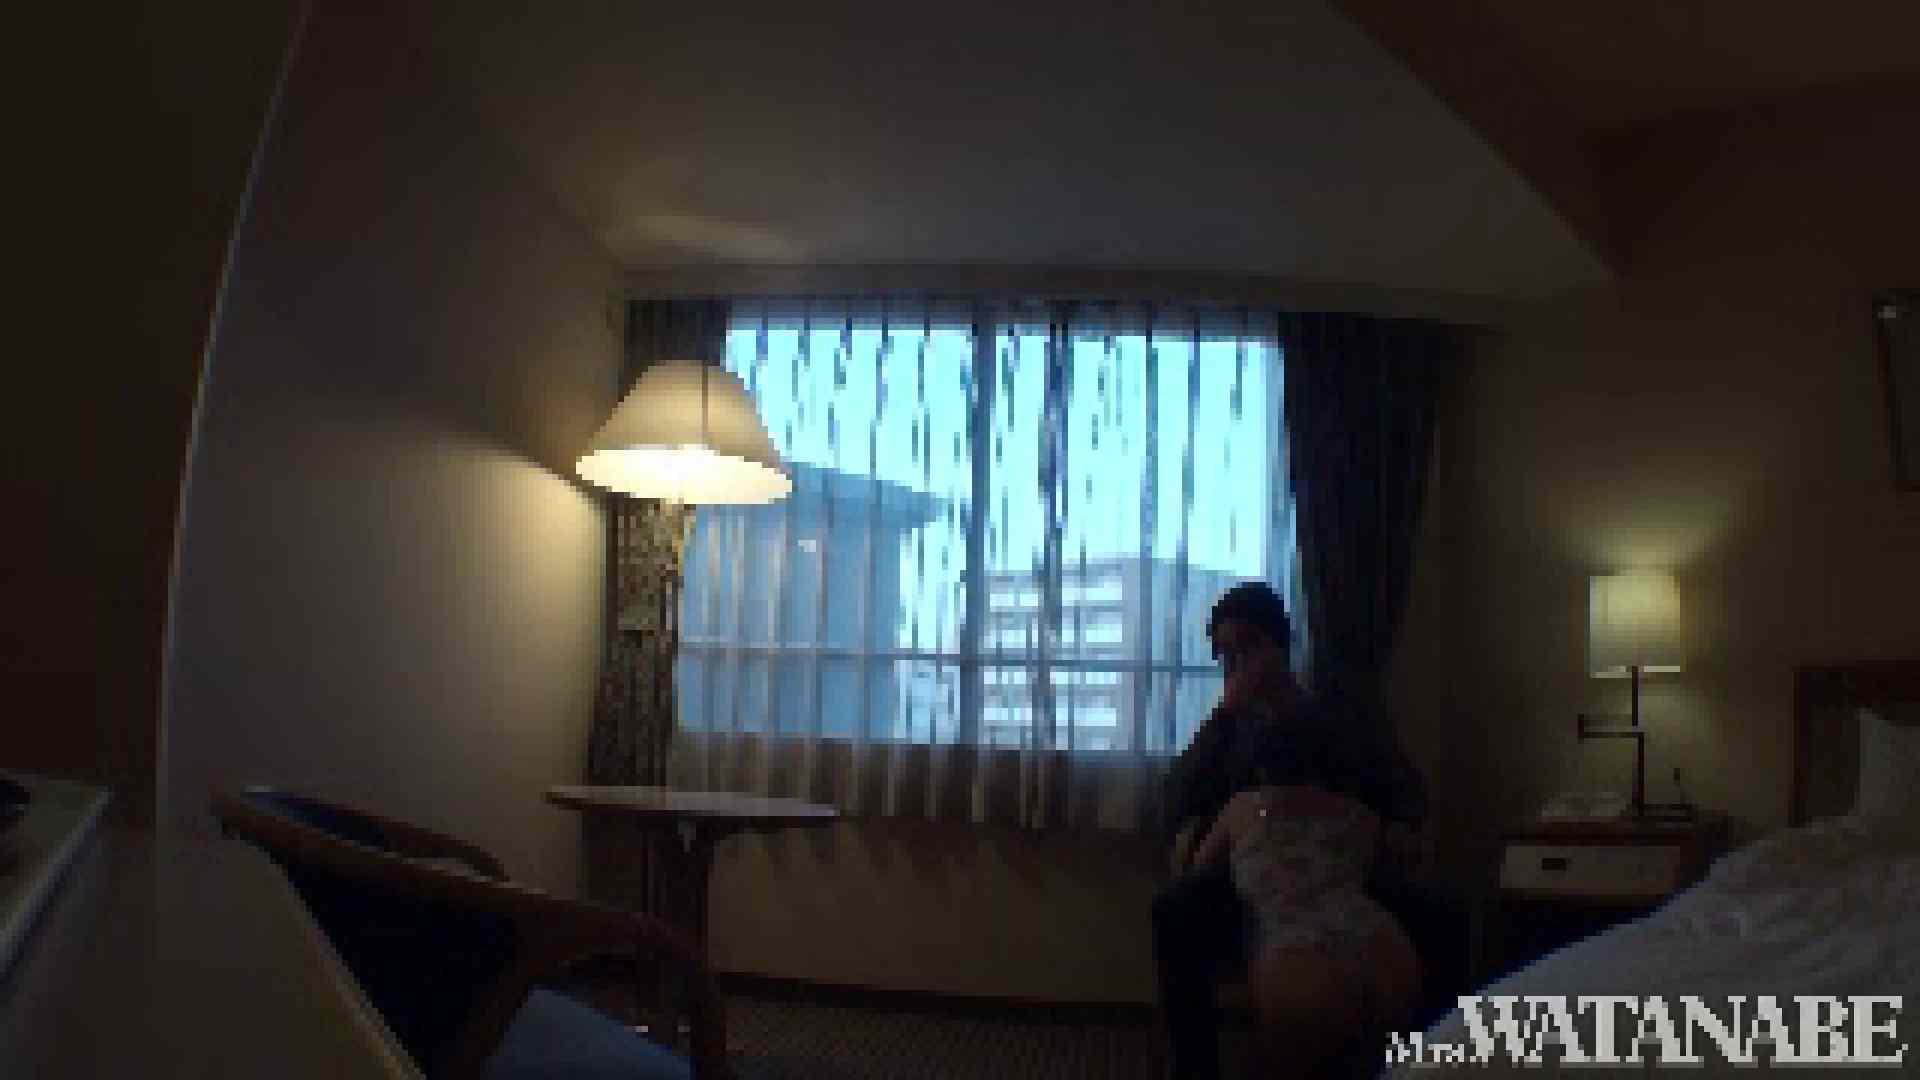 撮影スタッフを誘惑する痴熟女 かおり40歳 Vol.03 熟女  16pic 2